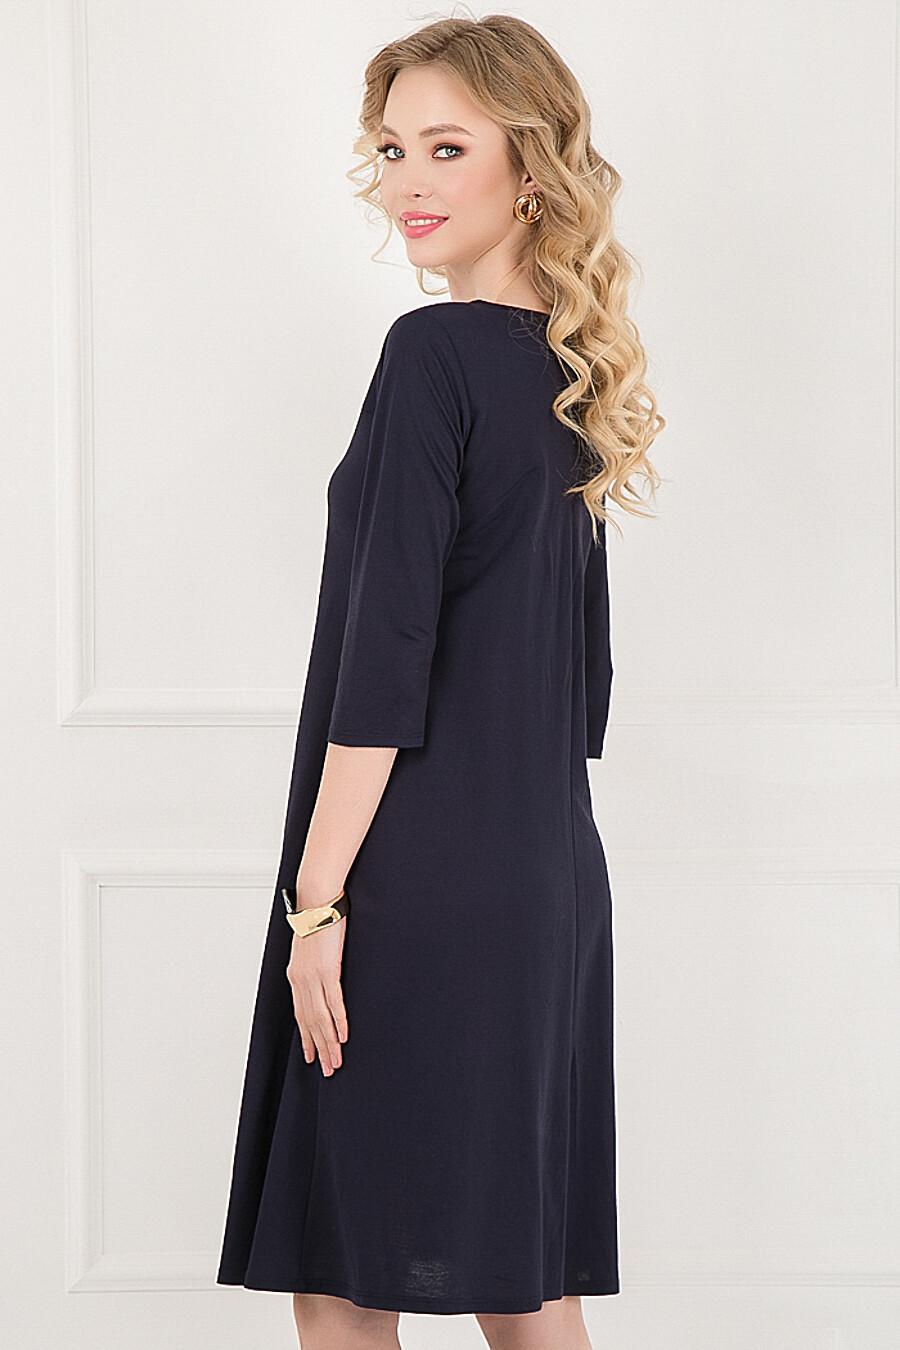 Платье BELLOVERA (308144), купить в Moyo.moda